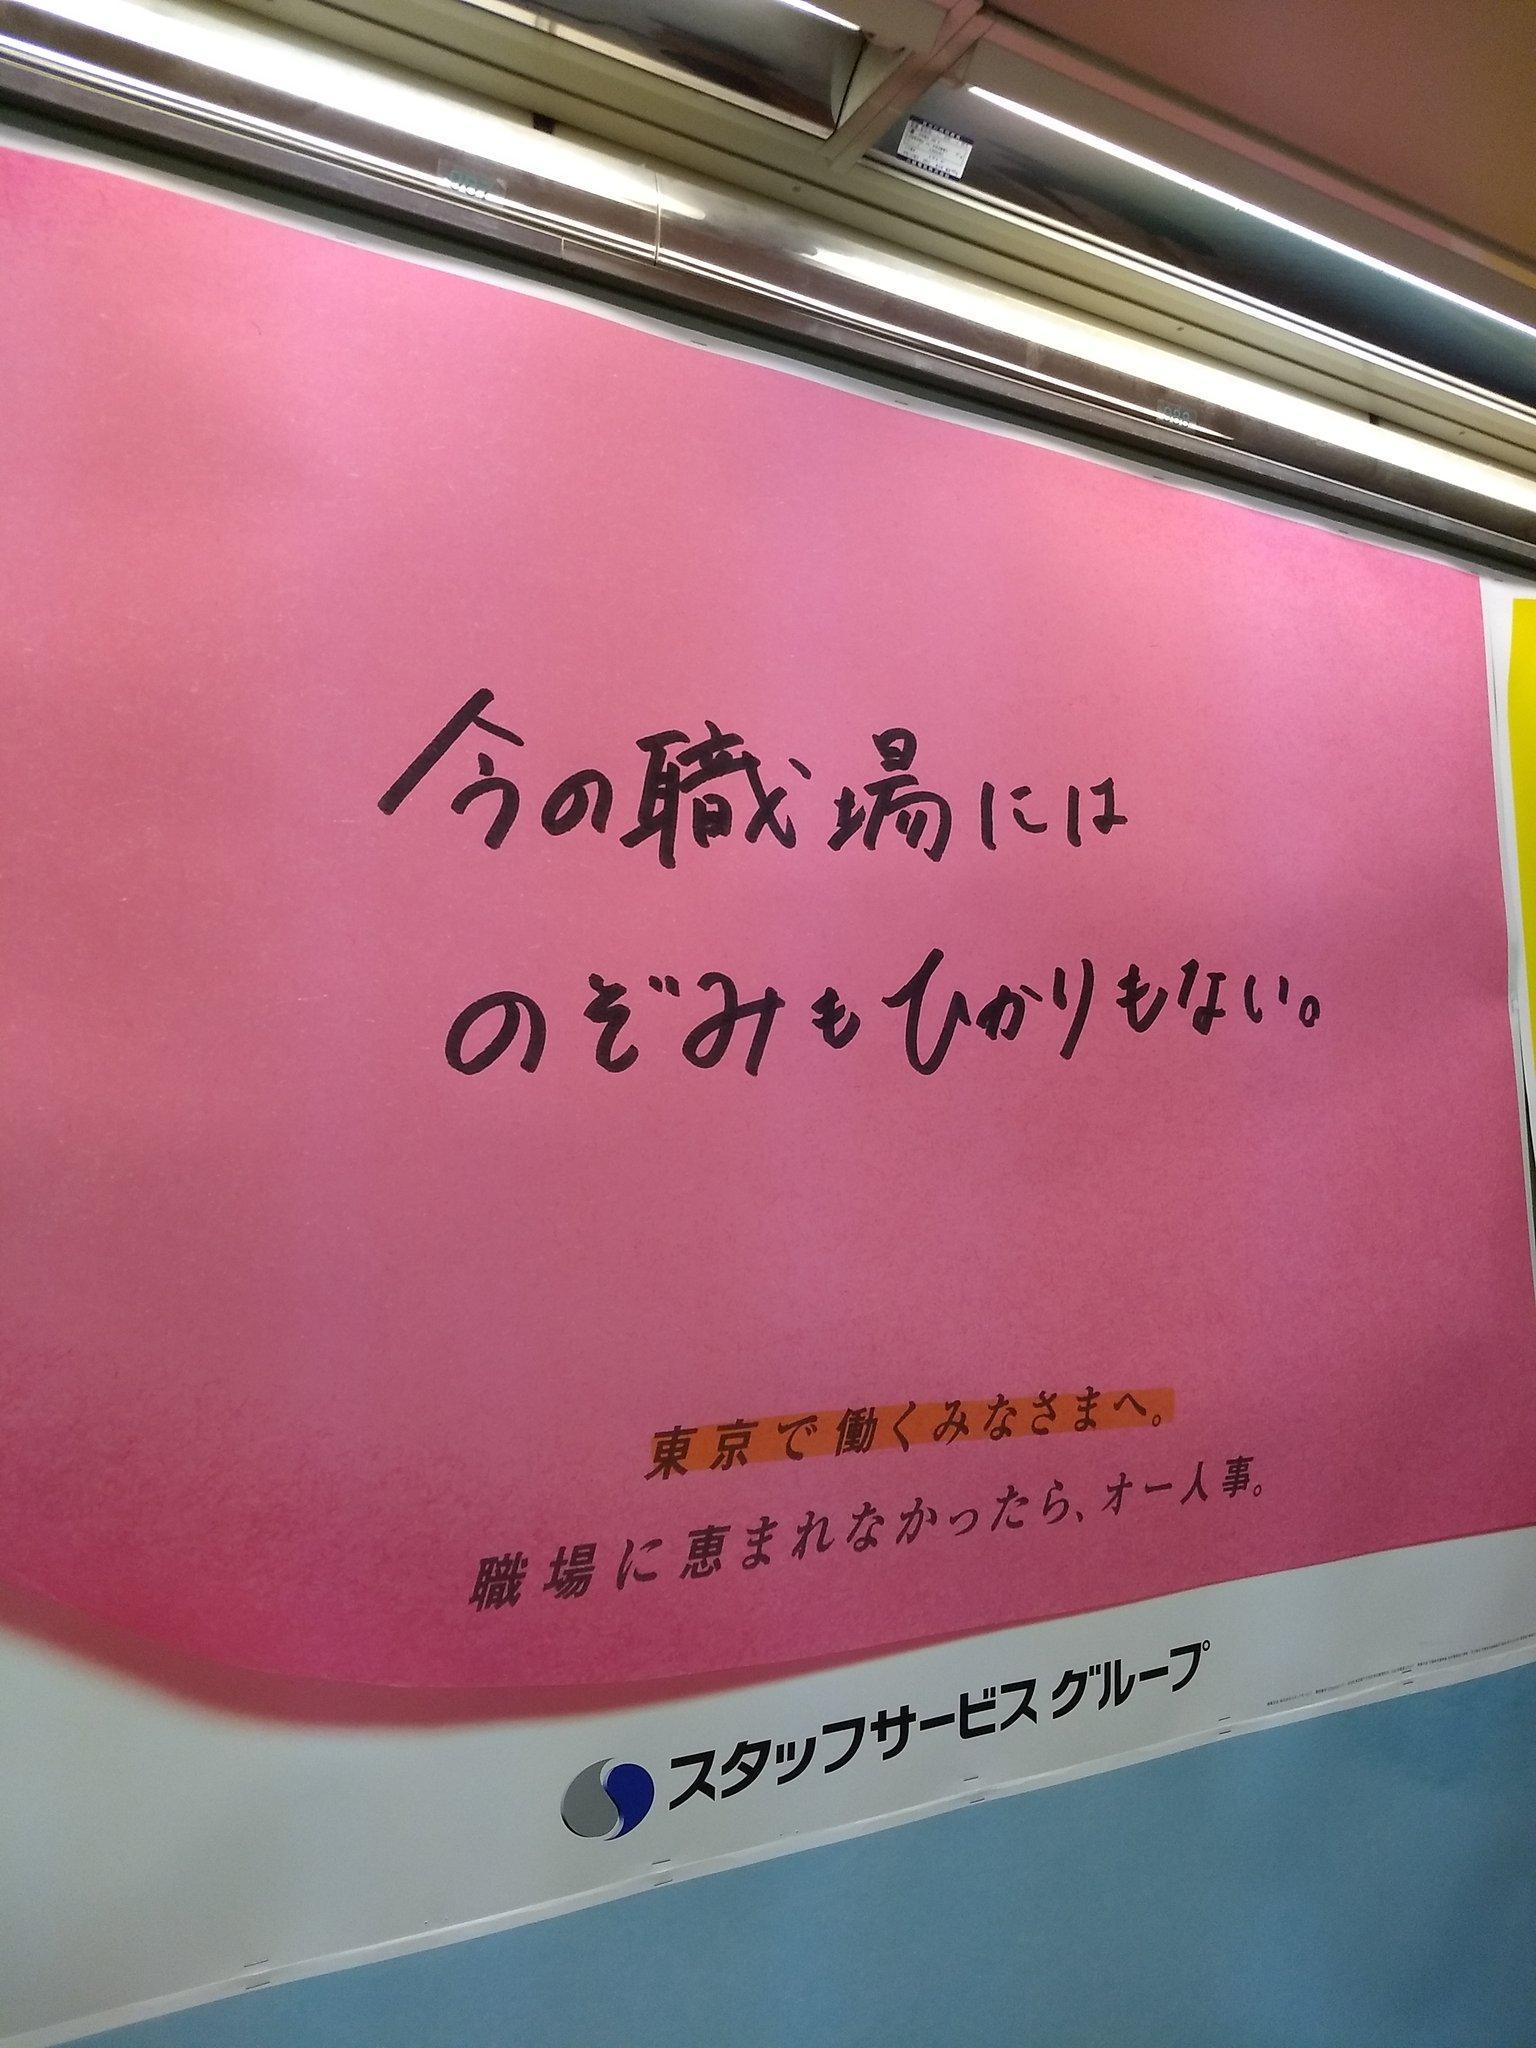 JR東海に落ちた鉄道現業の言葉 https://t.co/Bdn63Bsadl